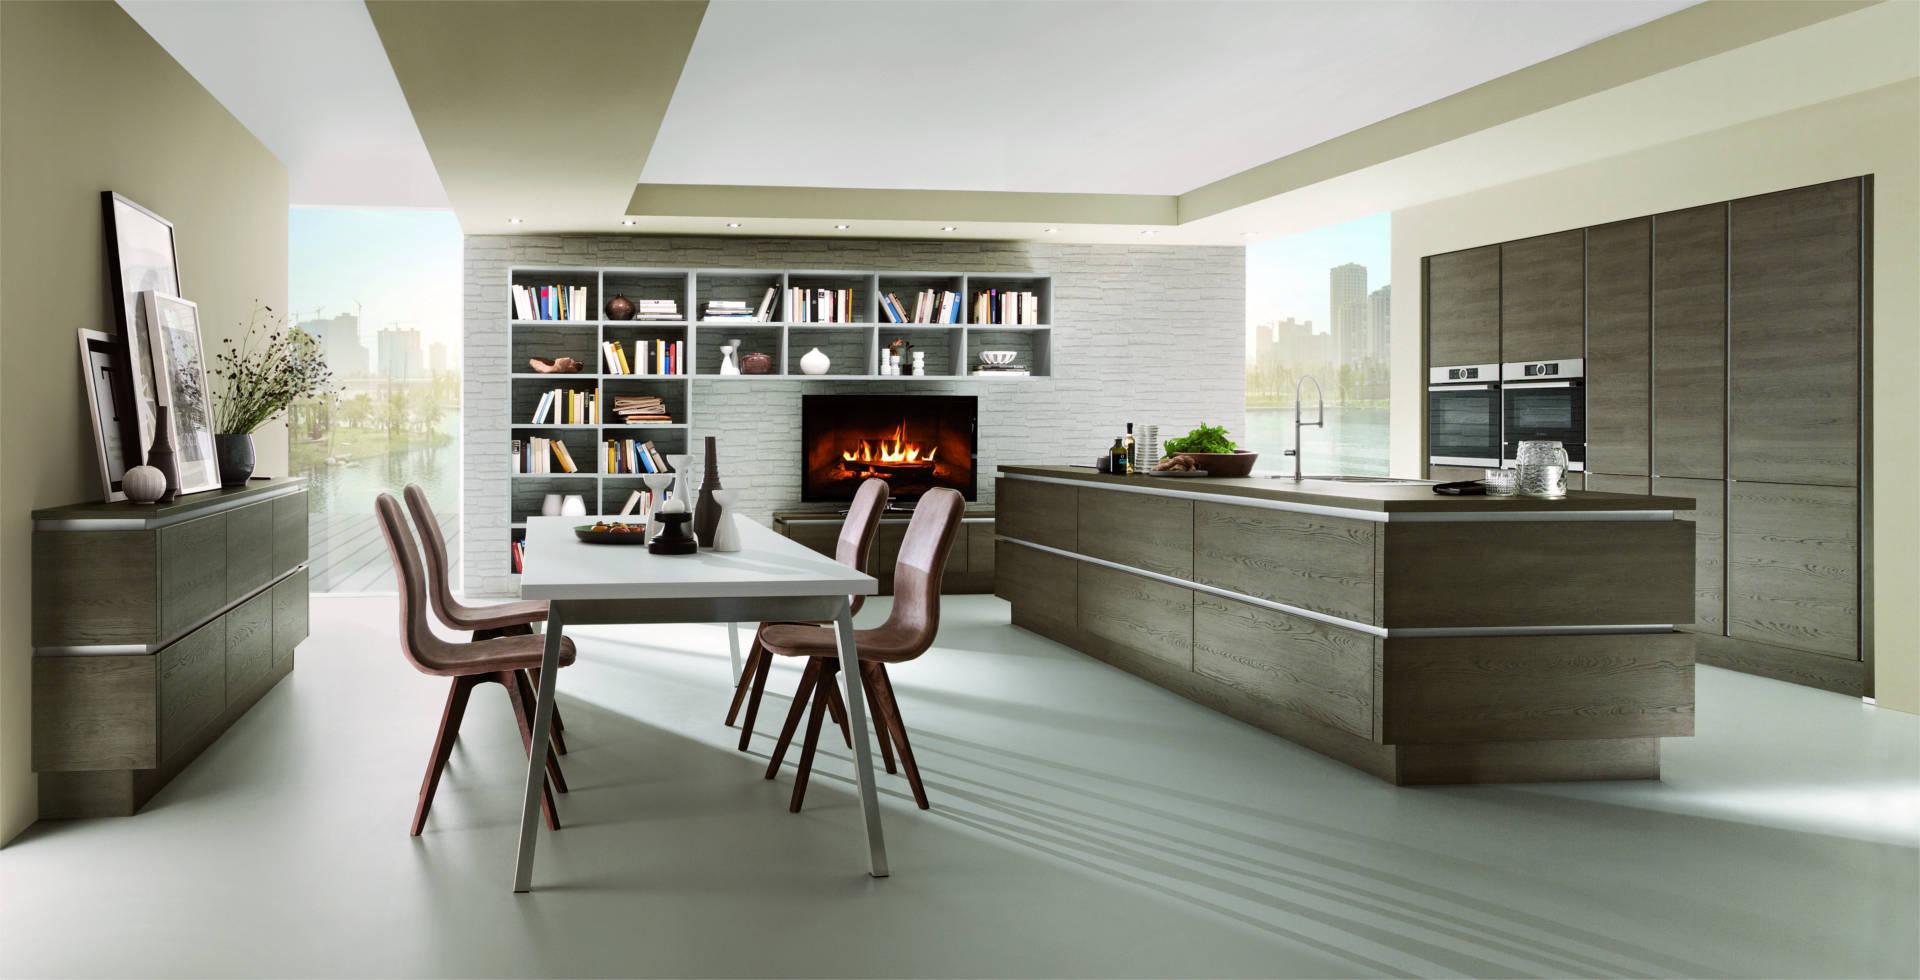 La cucina open space, cioè l'angolo cottura inserito in un unico ambiente aperto con il soggiorno, è una tendenza ormai da anni: Cucine Open Space Con Cucina A Vista E Zona Living Clara Cucine